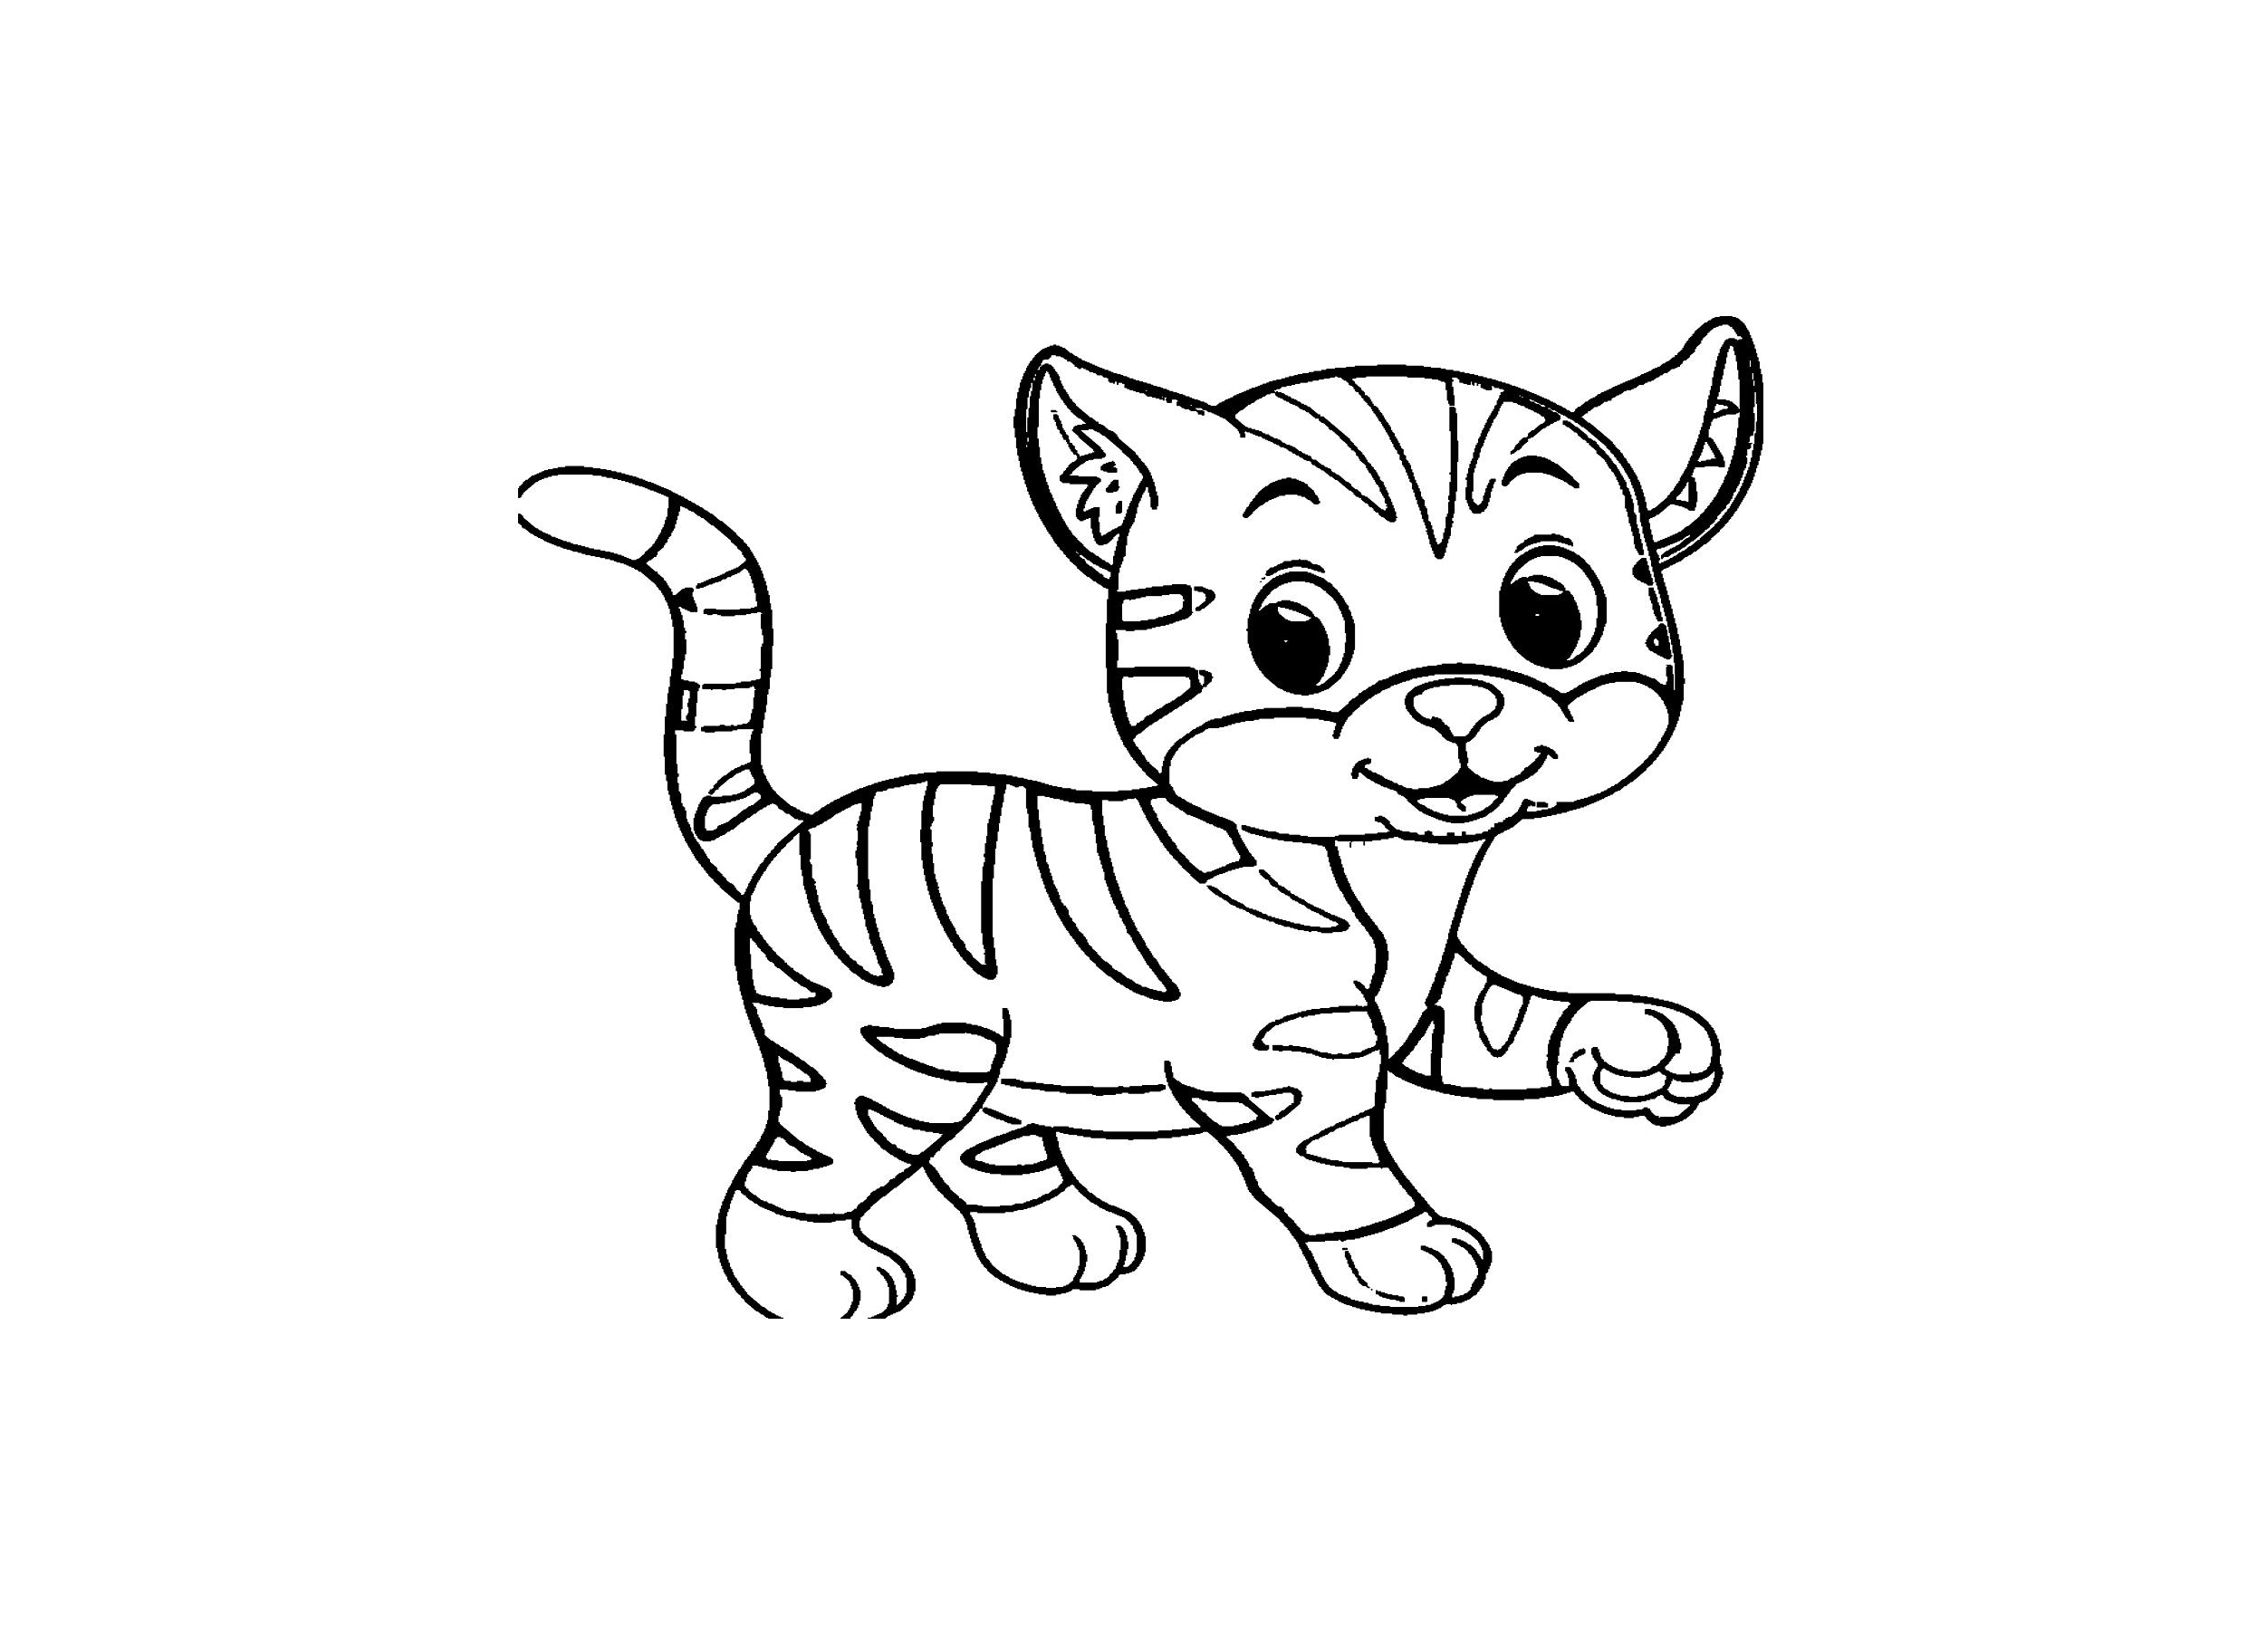 Katzen Ausmalbilder Kostenlos Malvorlagen Windowcolor zum Drucken